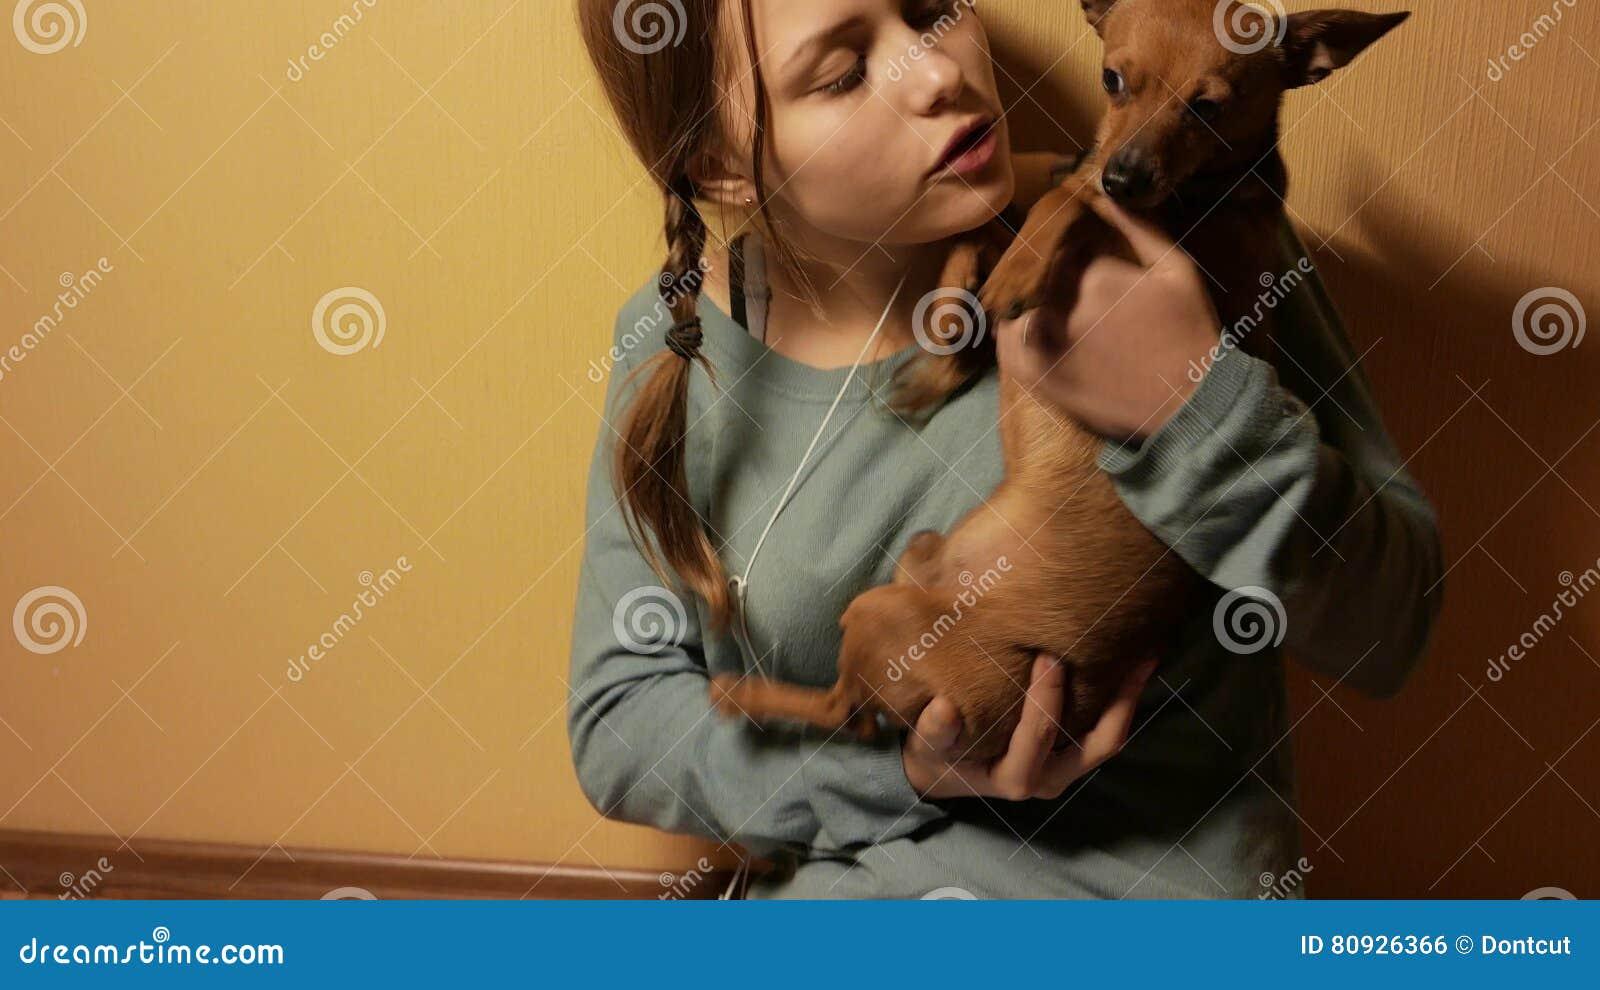 Teen girl doggy